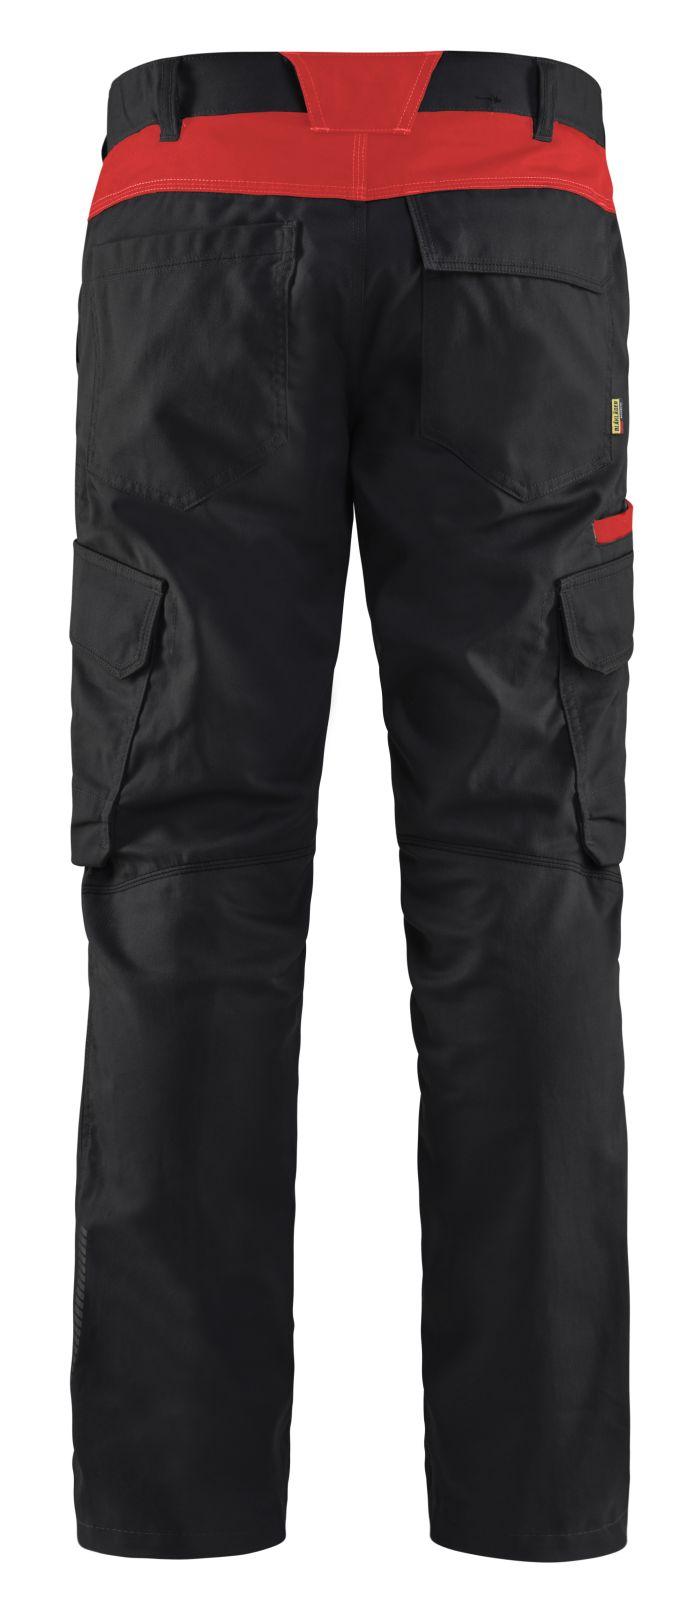 Blaklader Broeken 14441832 zwart-rood(9956)